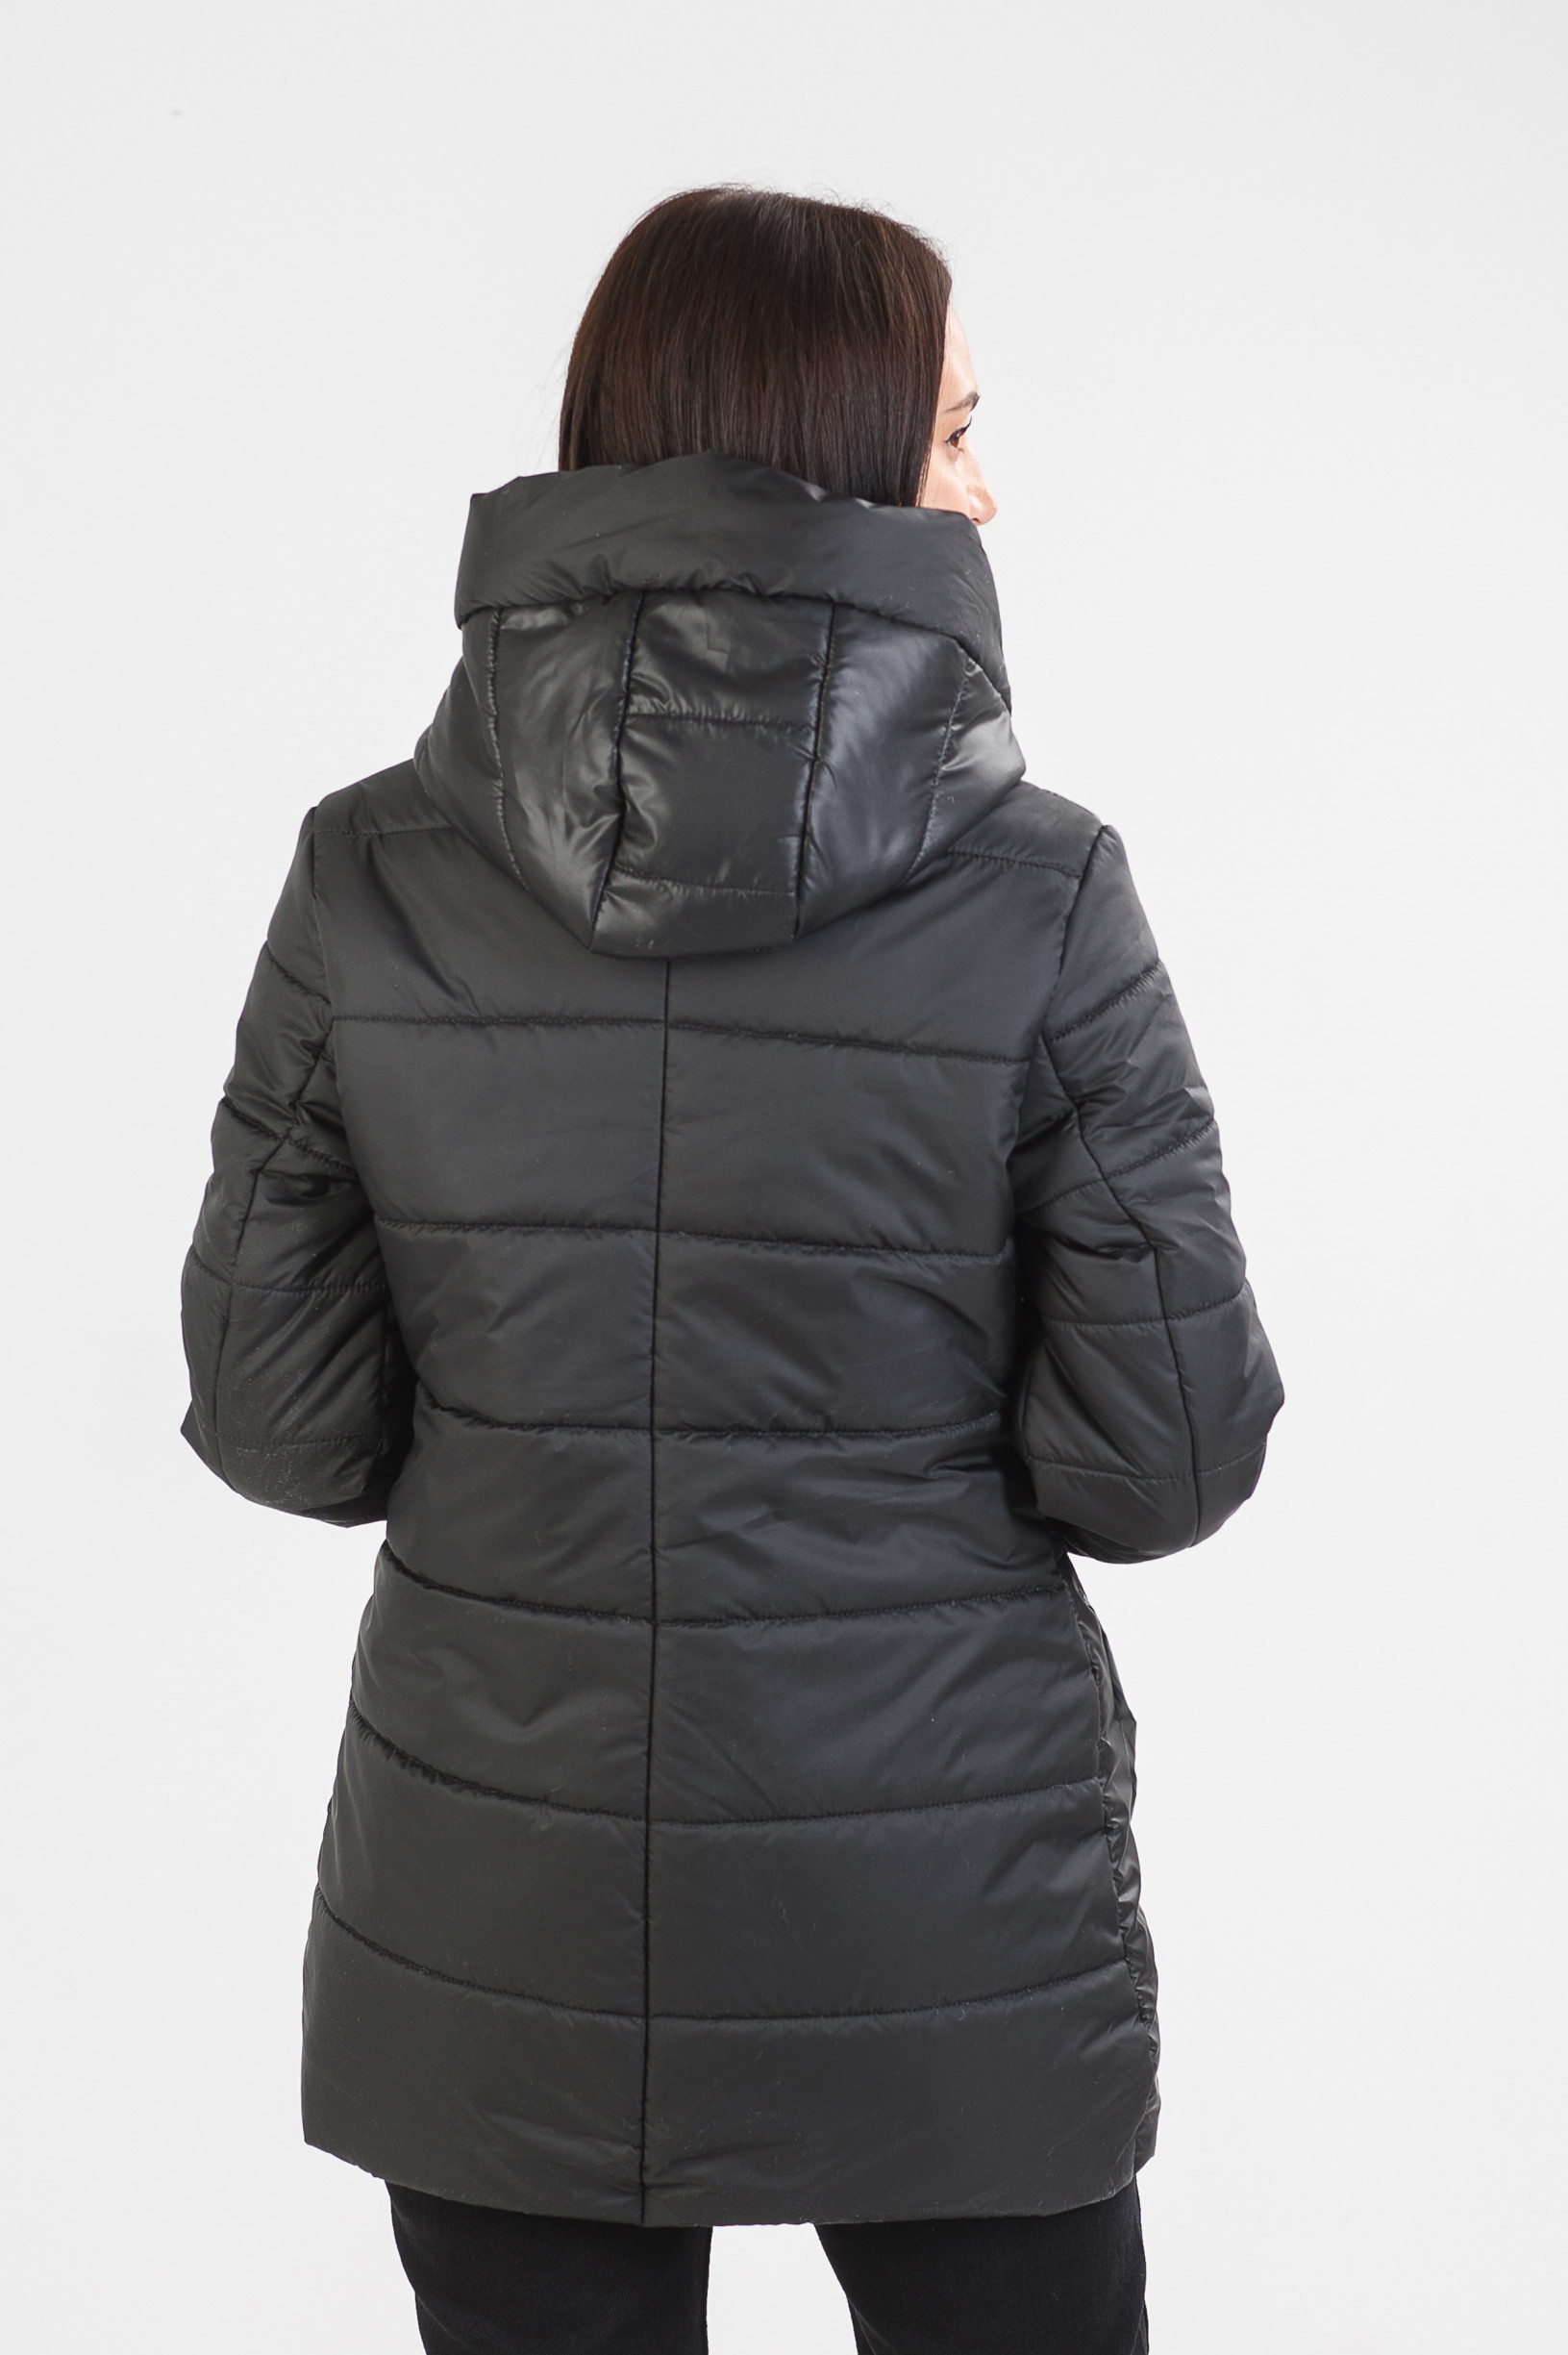 Чорная демисезонная курточка Стар